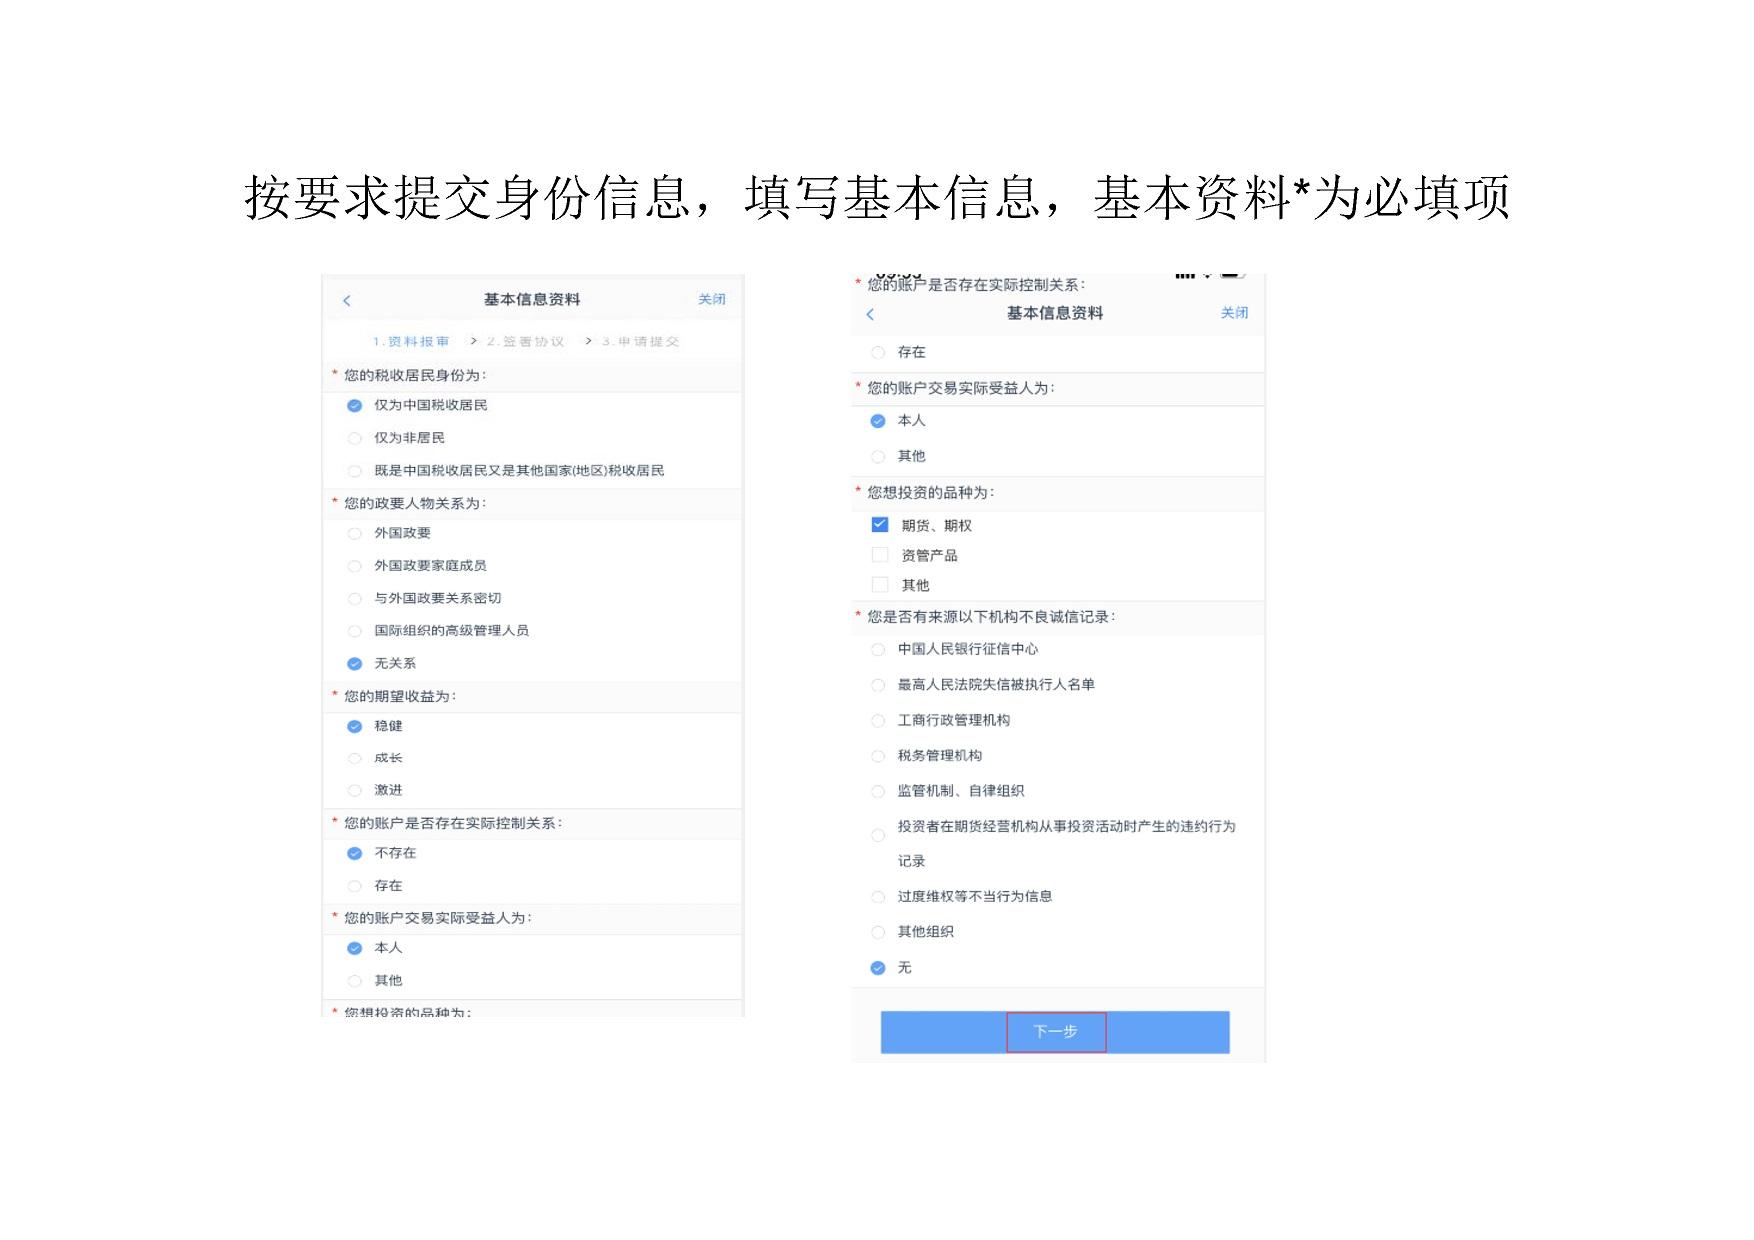 商品期货开户流程_Page6.jpg